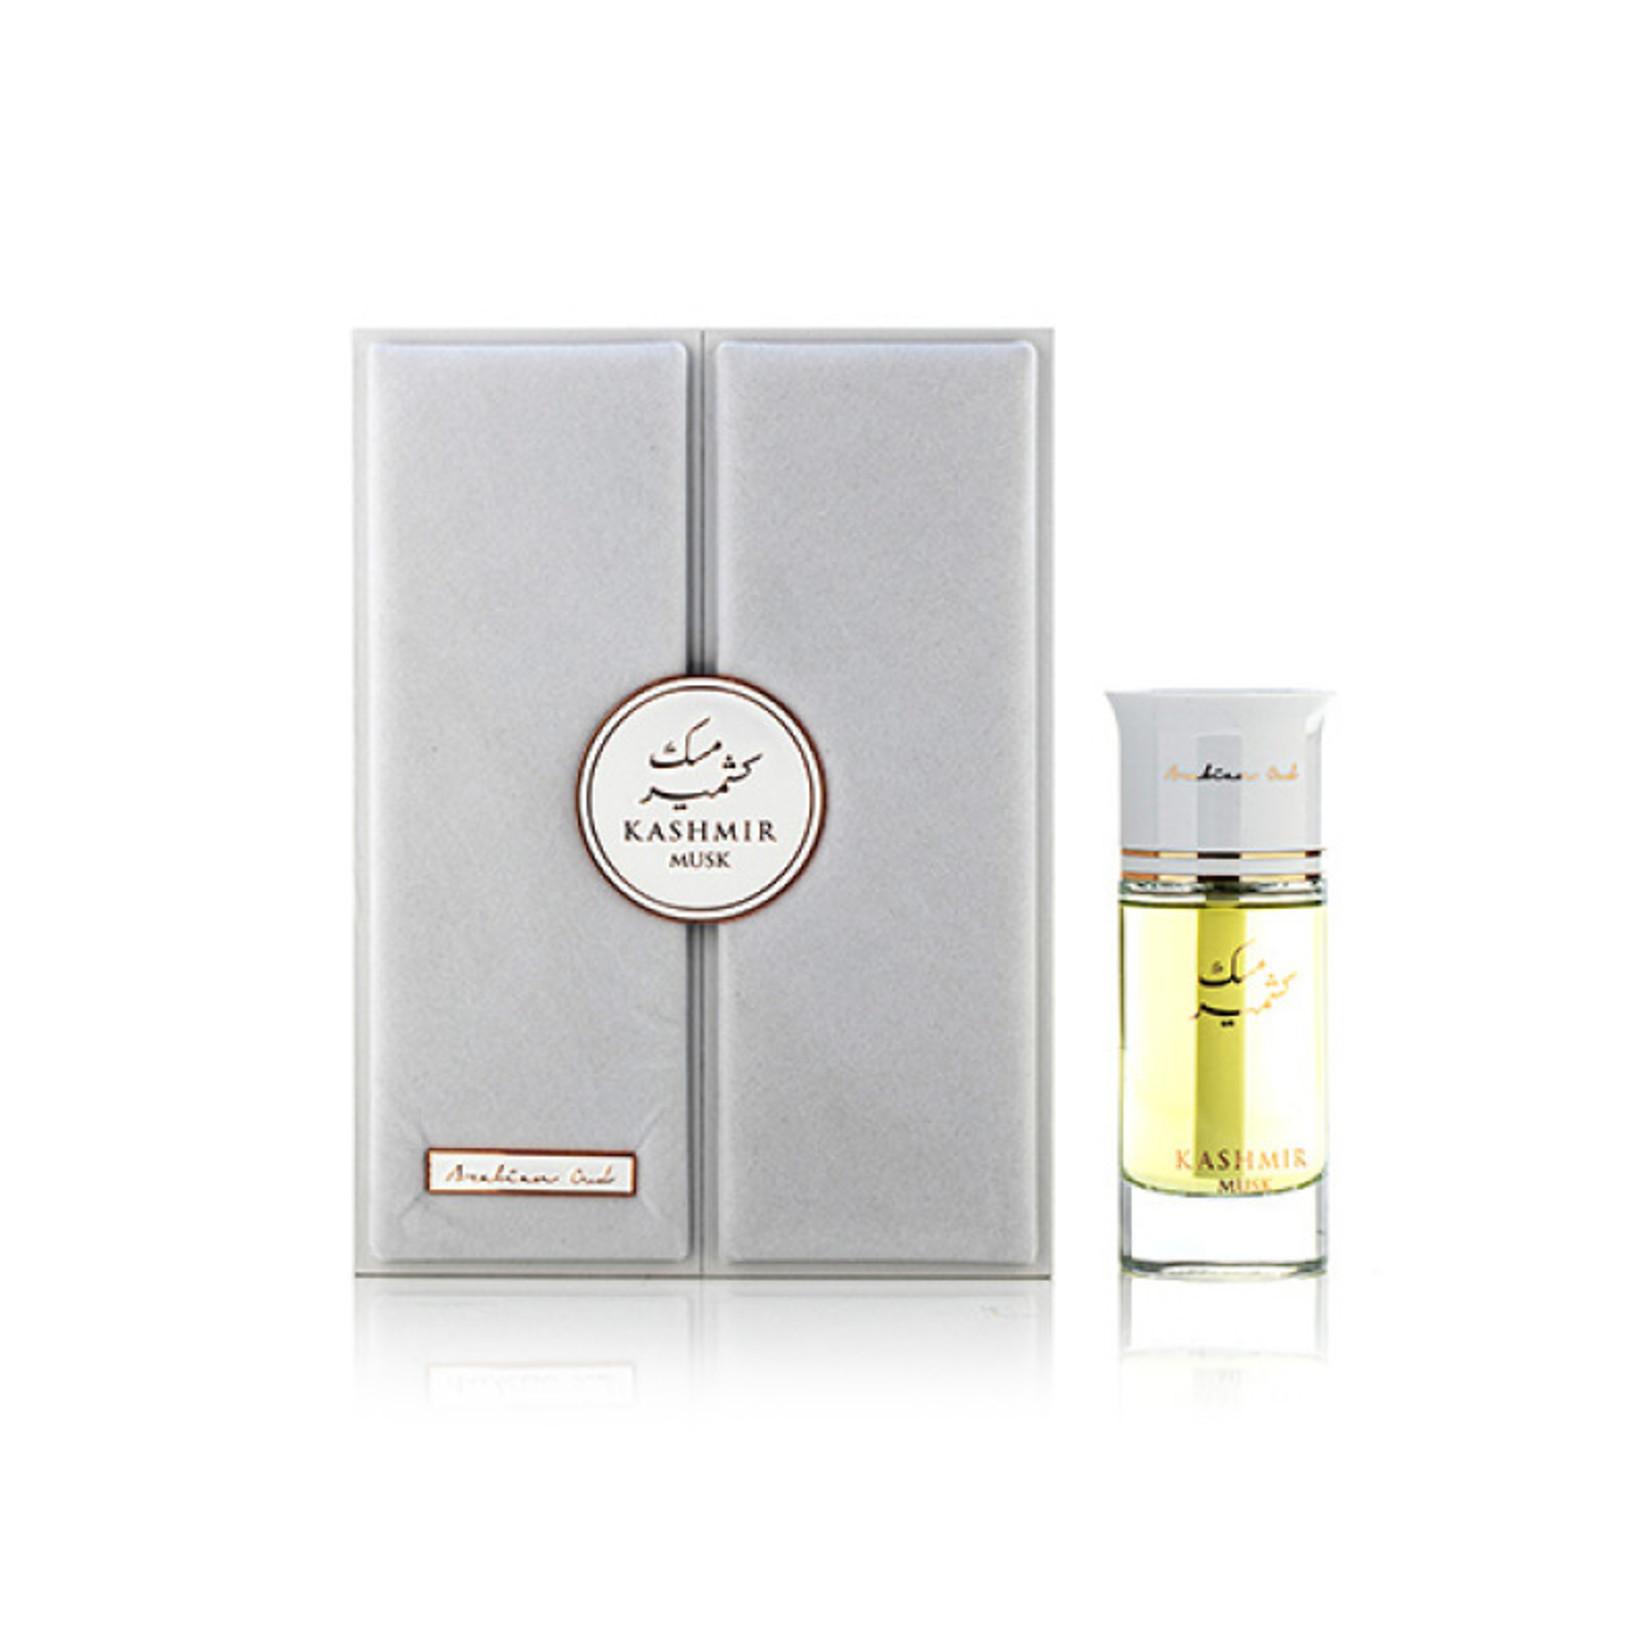 Kashmir Musk (100ml - Eau de Parfum)